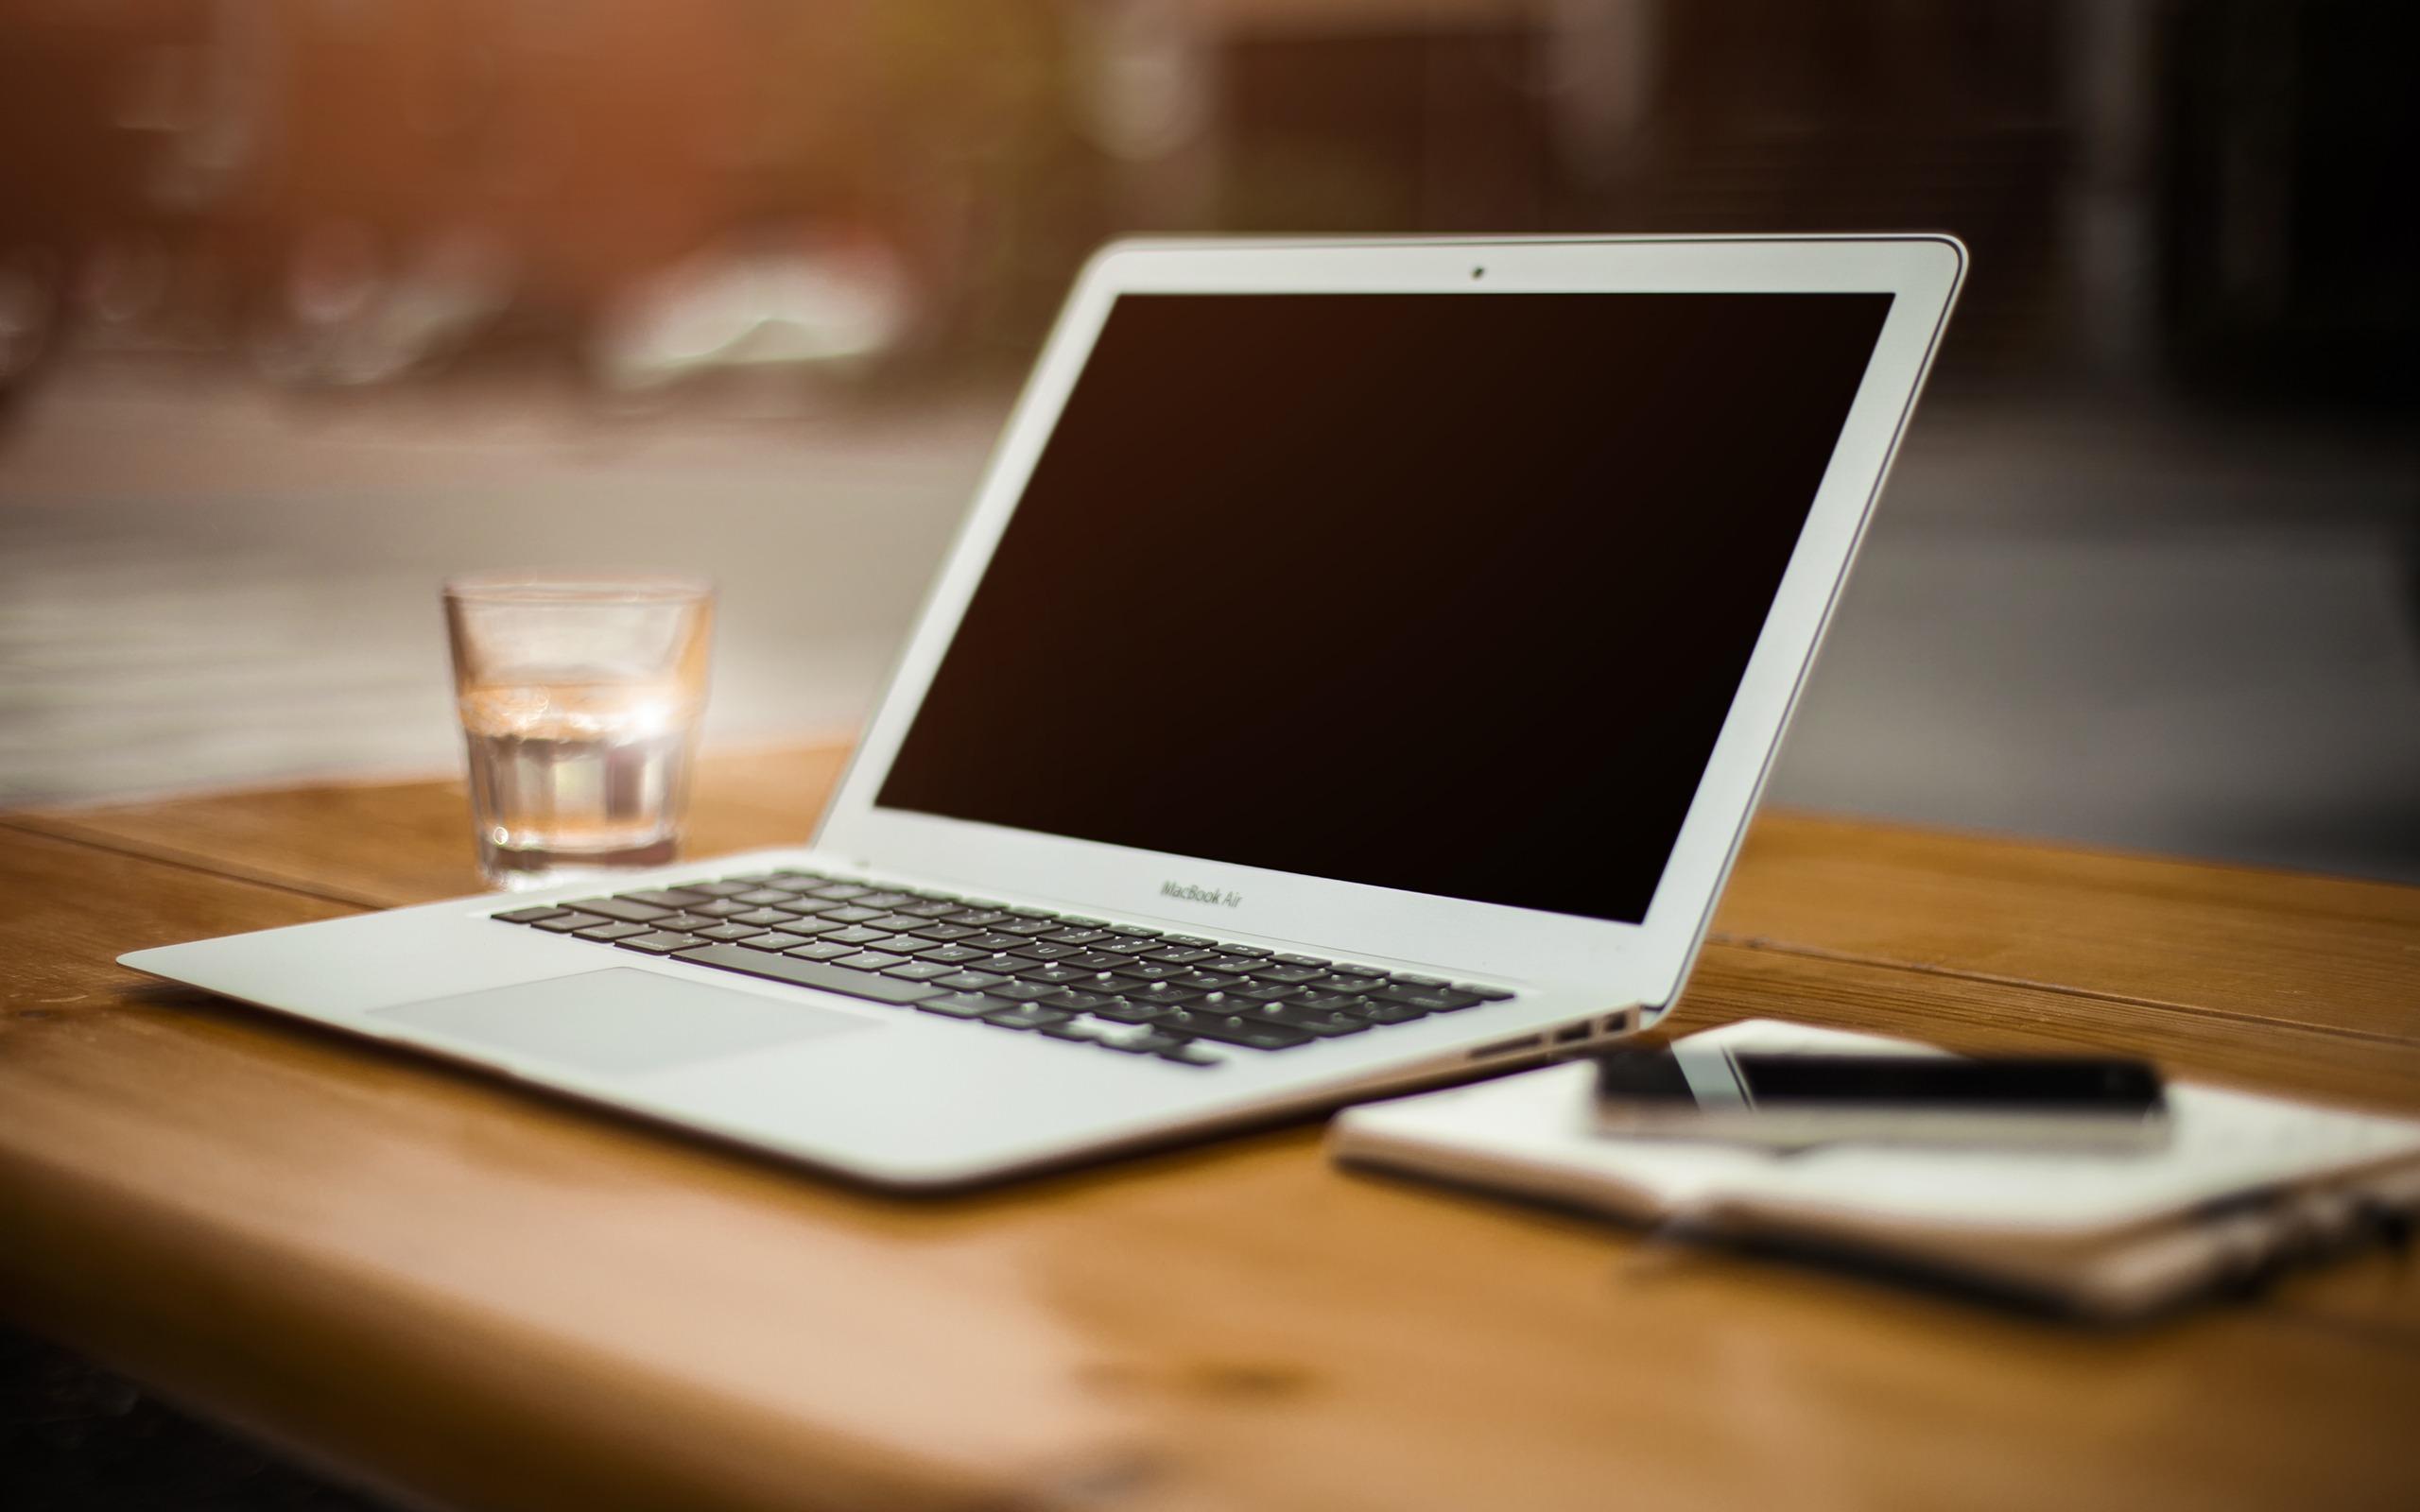 apple notebook notebook notas